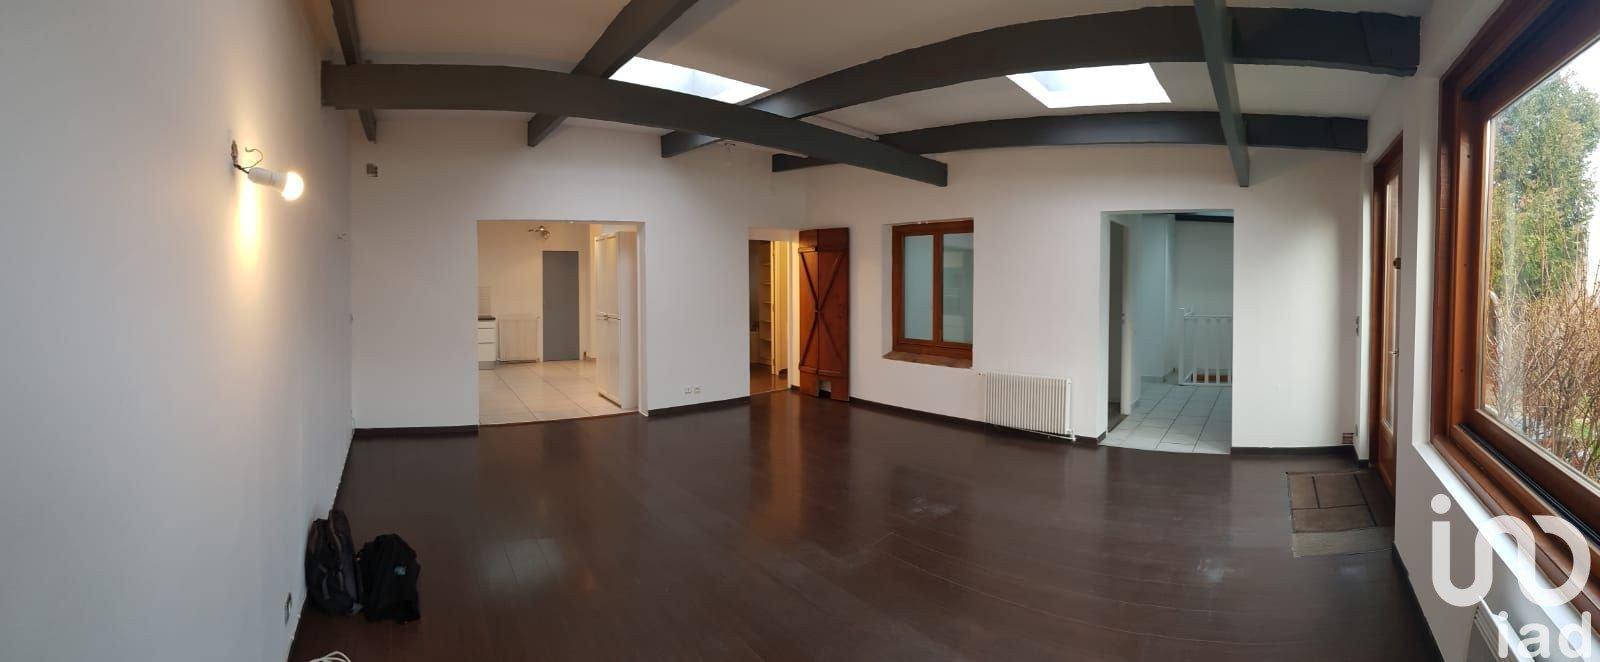 Maison a vendre houilles - 4 pièce(s) - 92 m2 - Surfyn